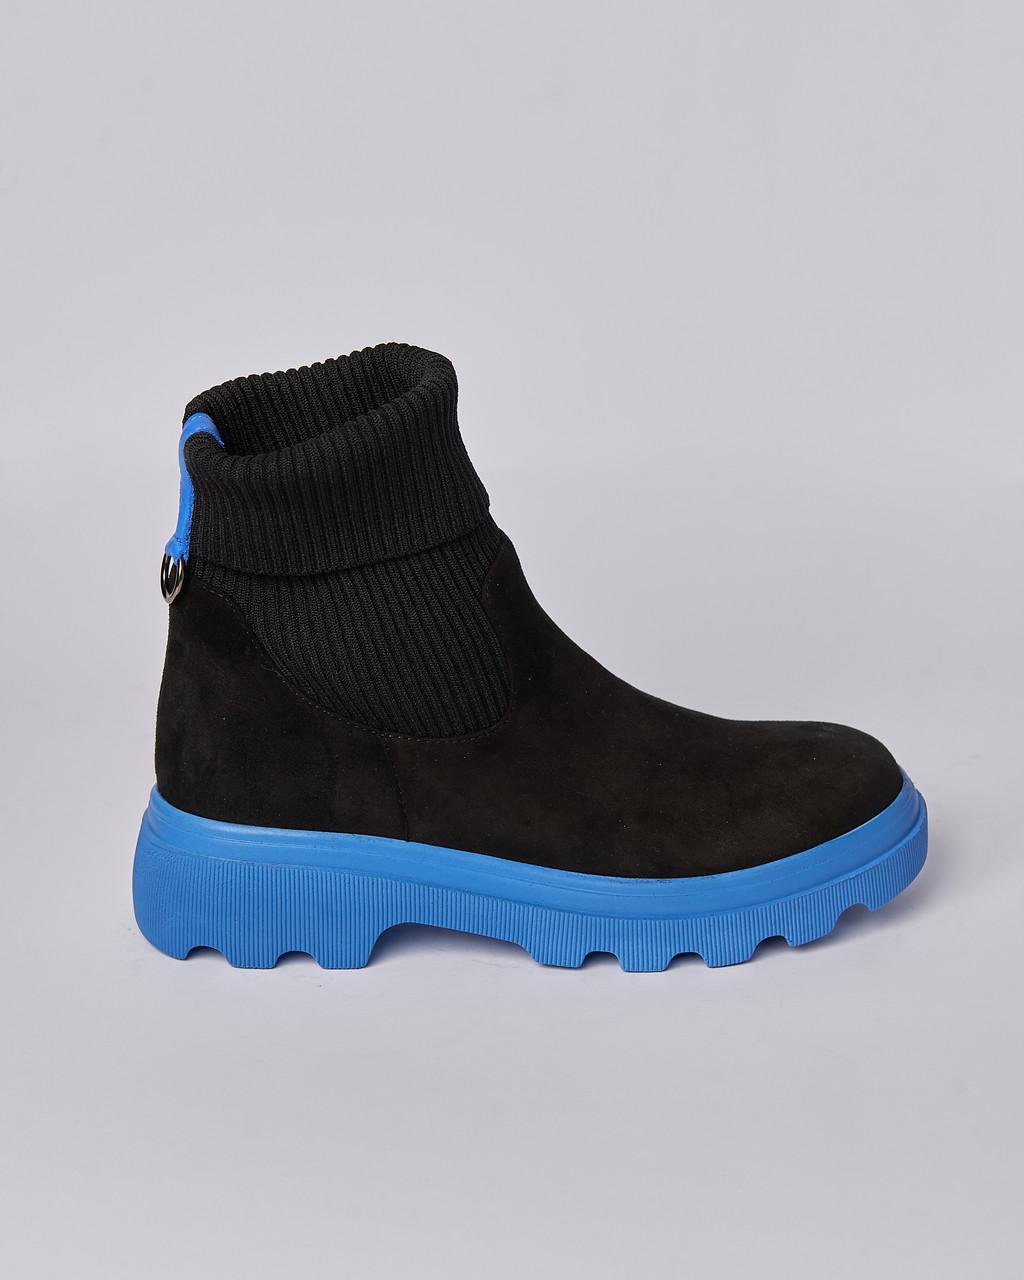 Ботинки замшевые женские черные на резинке. . Турция